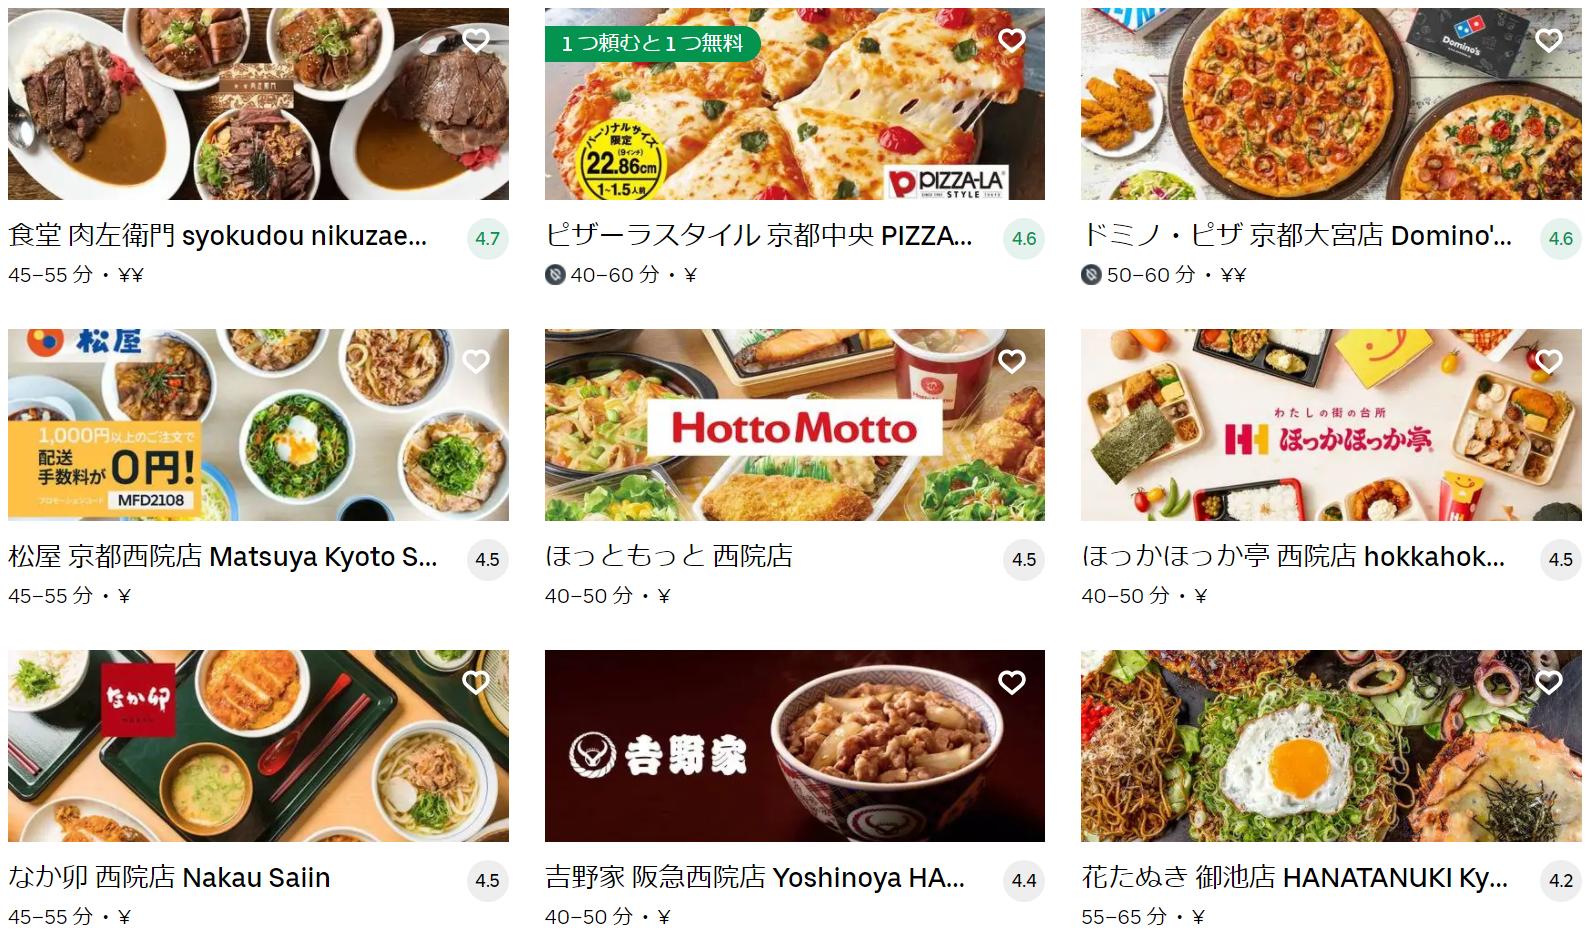 京都市東山区エリアのおすすめUber Eats(ウーバーイーツ)メニュー